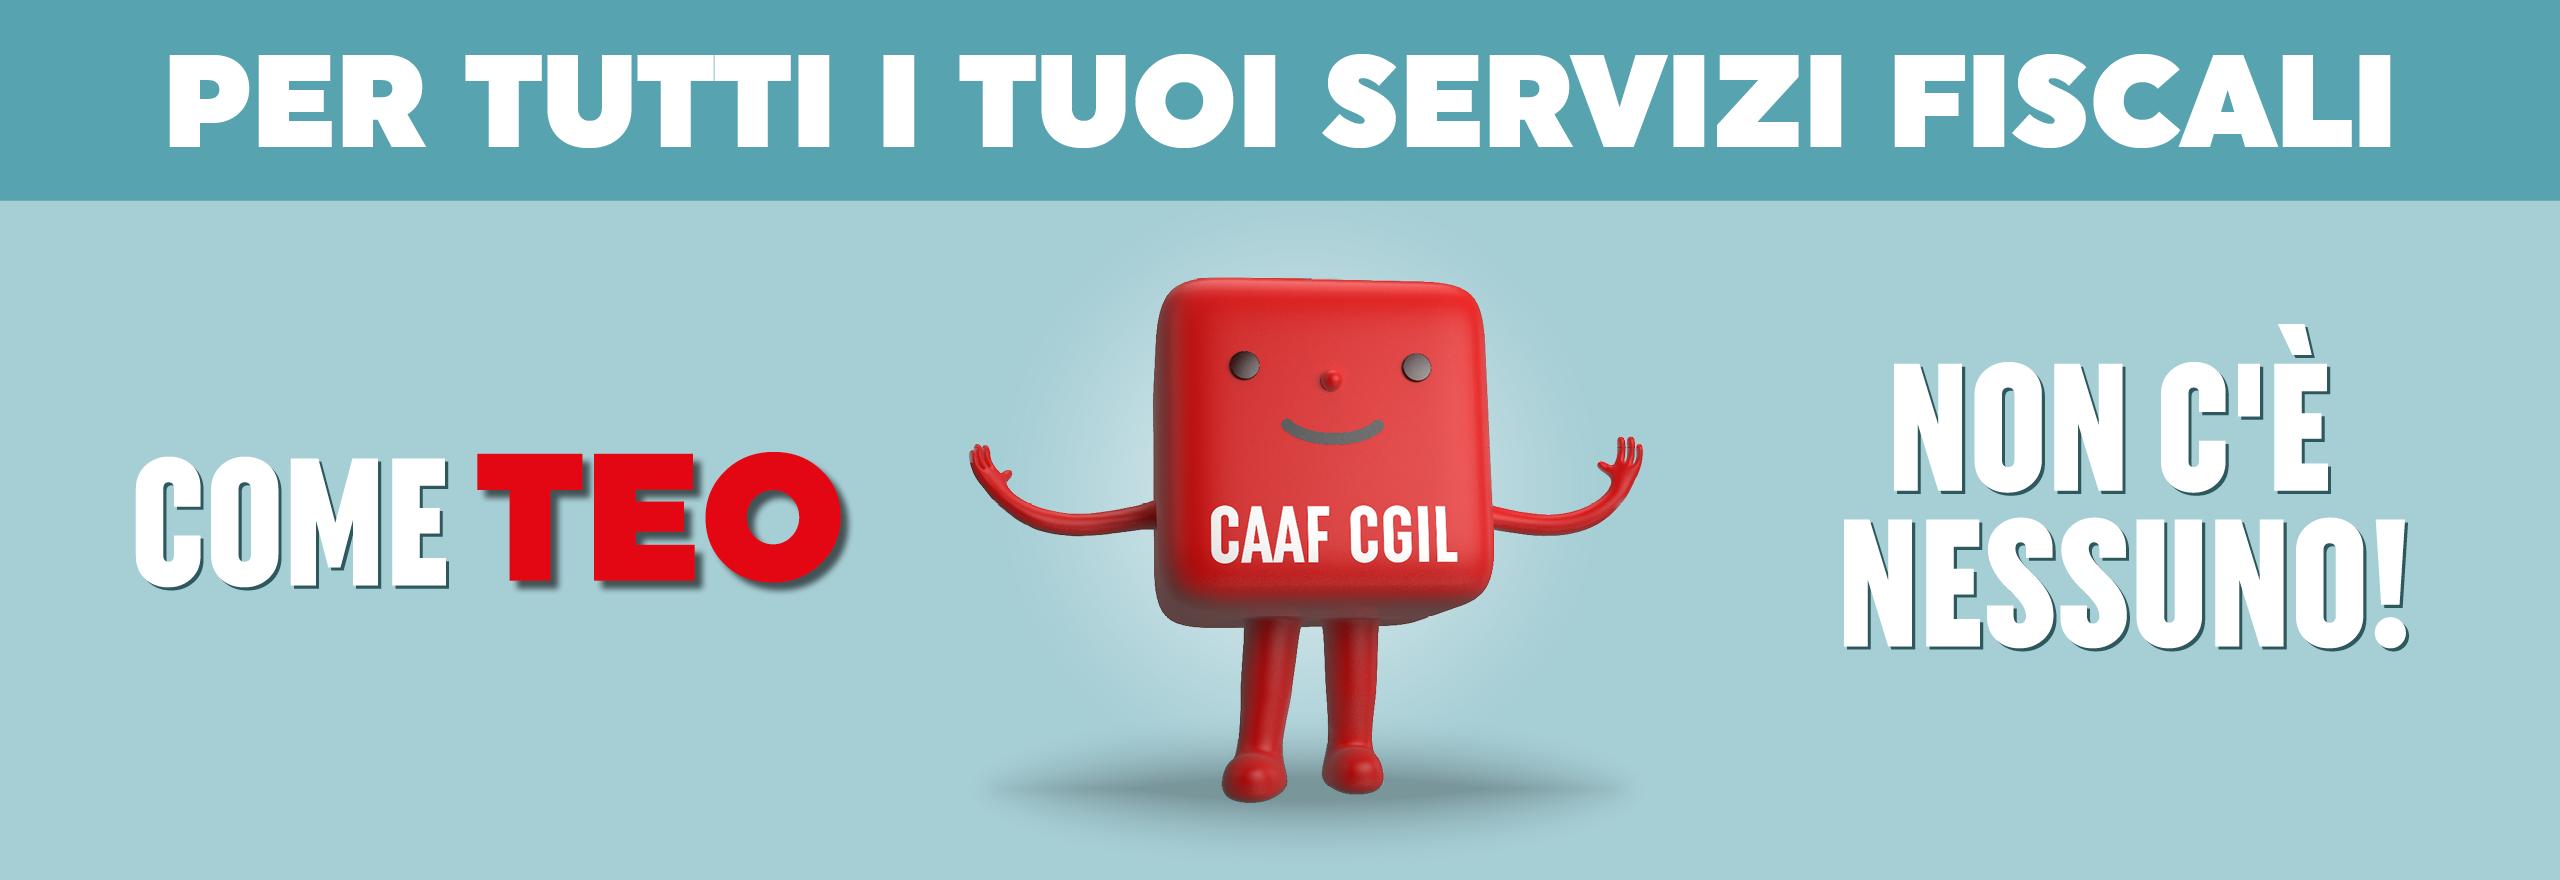 Caaf Emilia Romagna - per tutti i tuoi servizi fiscali